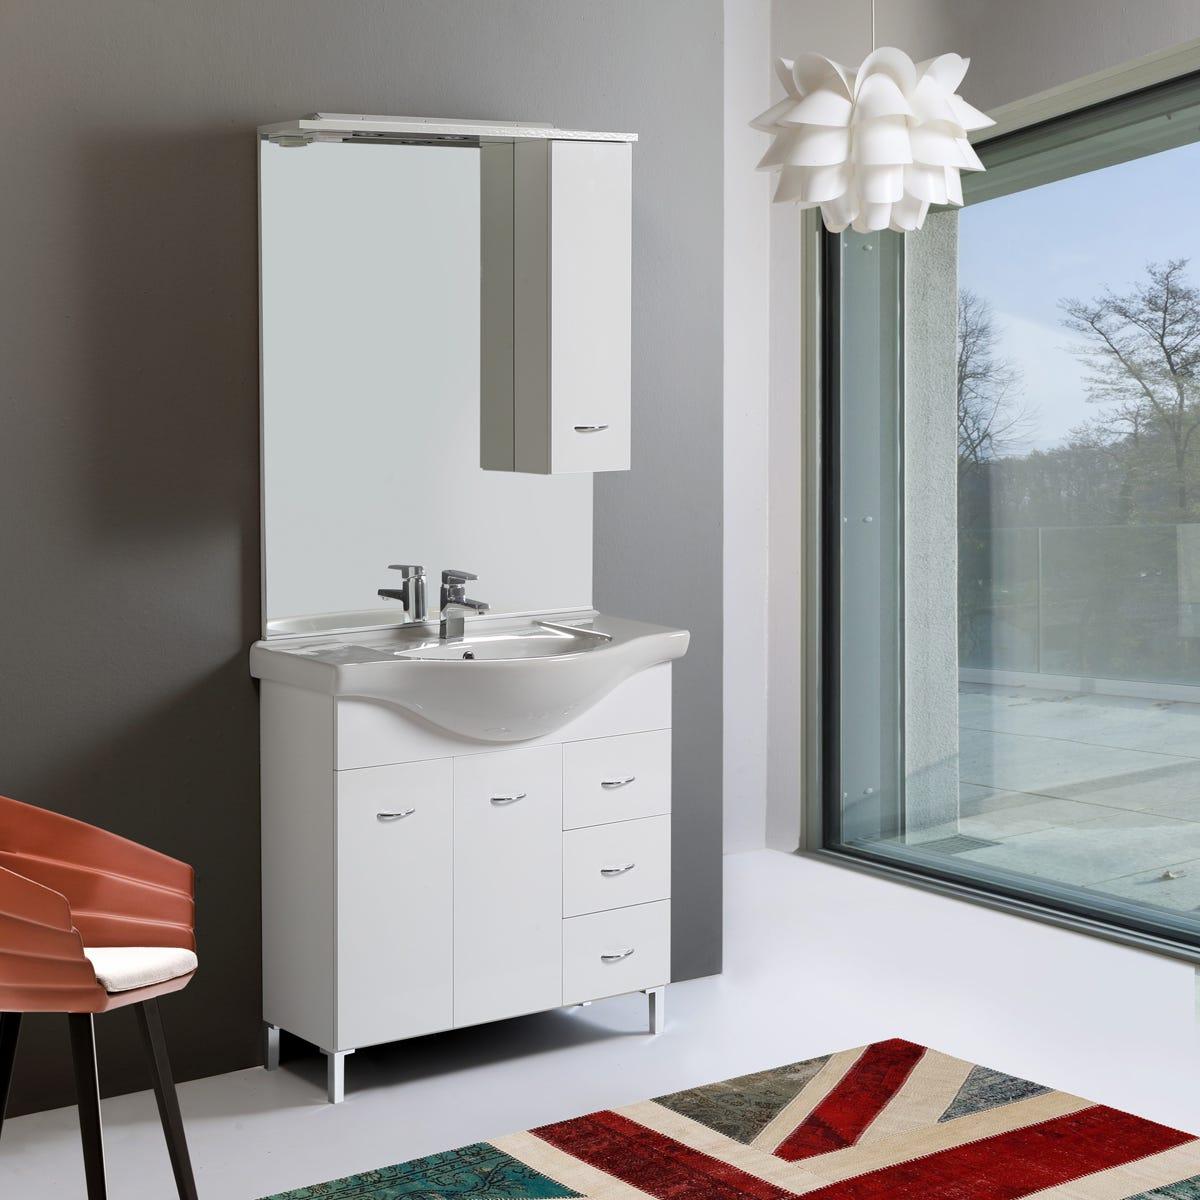 Mobile mobiletto arredo bagno da 85 cm 2 ante 3 cassetti - Mobiletto bagno da appendere ...